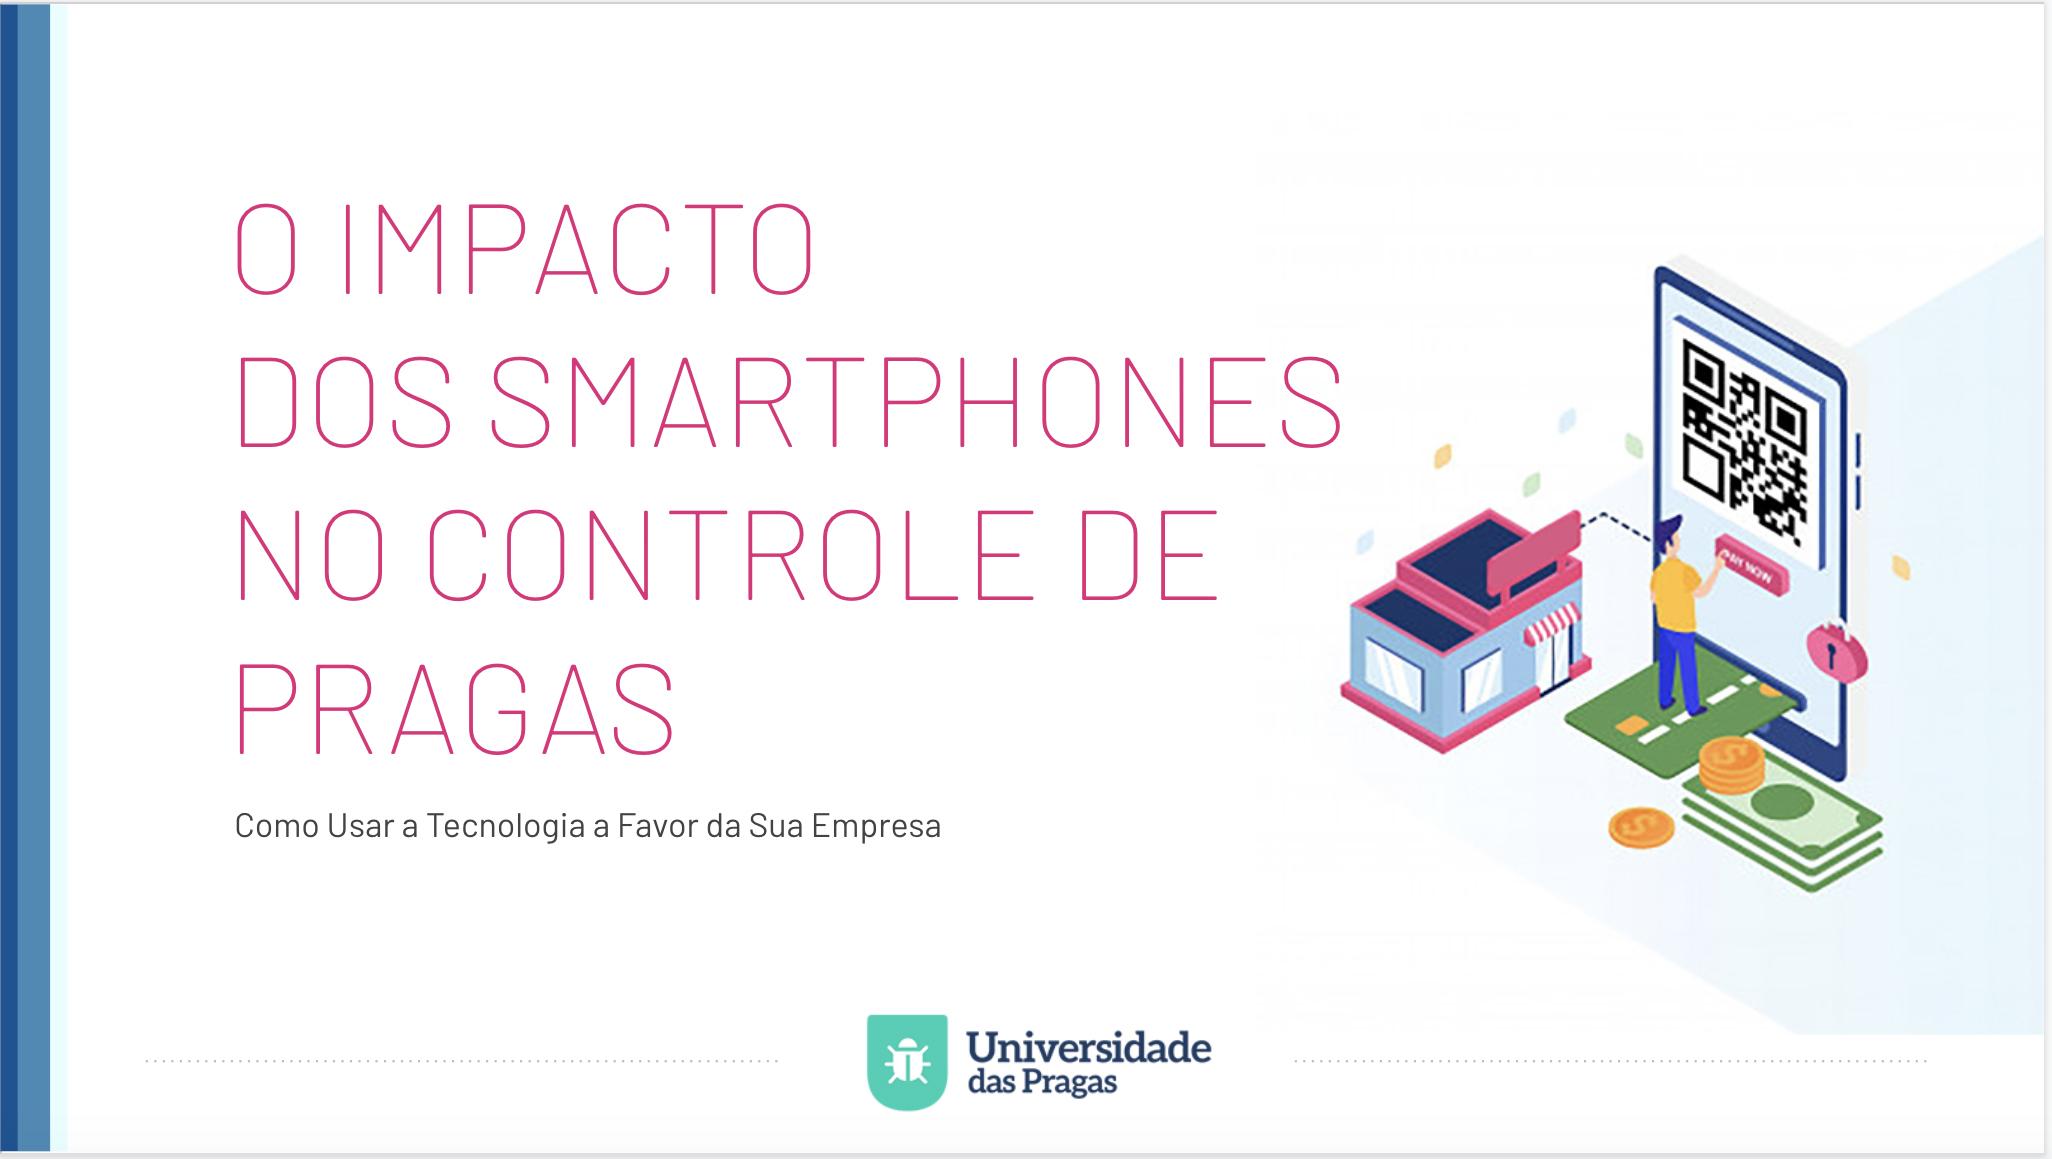 O Impacto dos Smartphones no Controle de Pragas